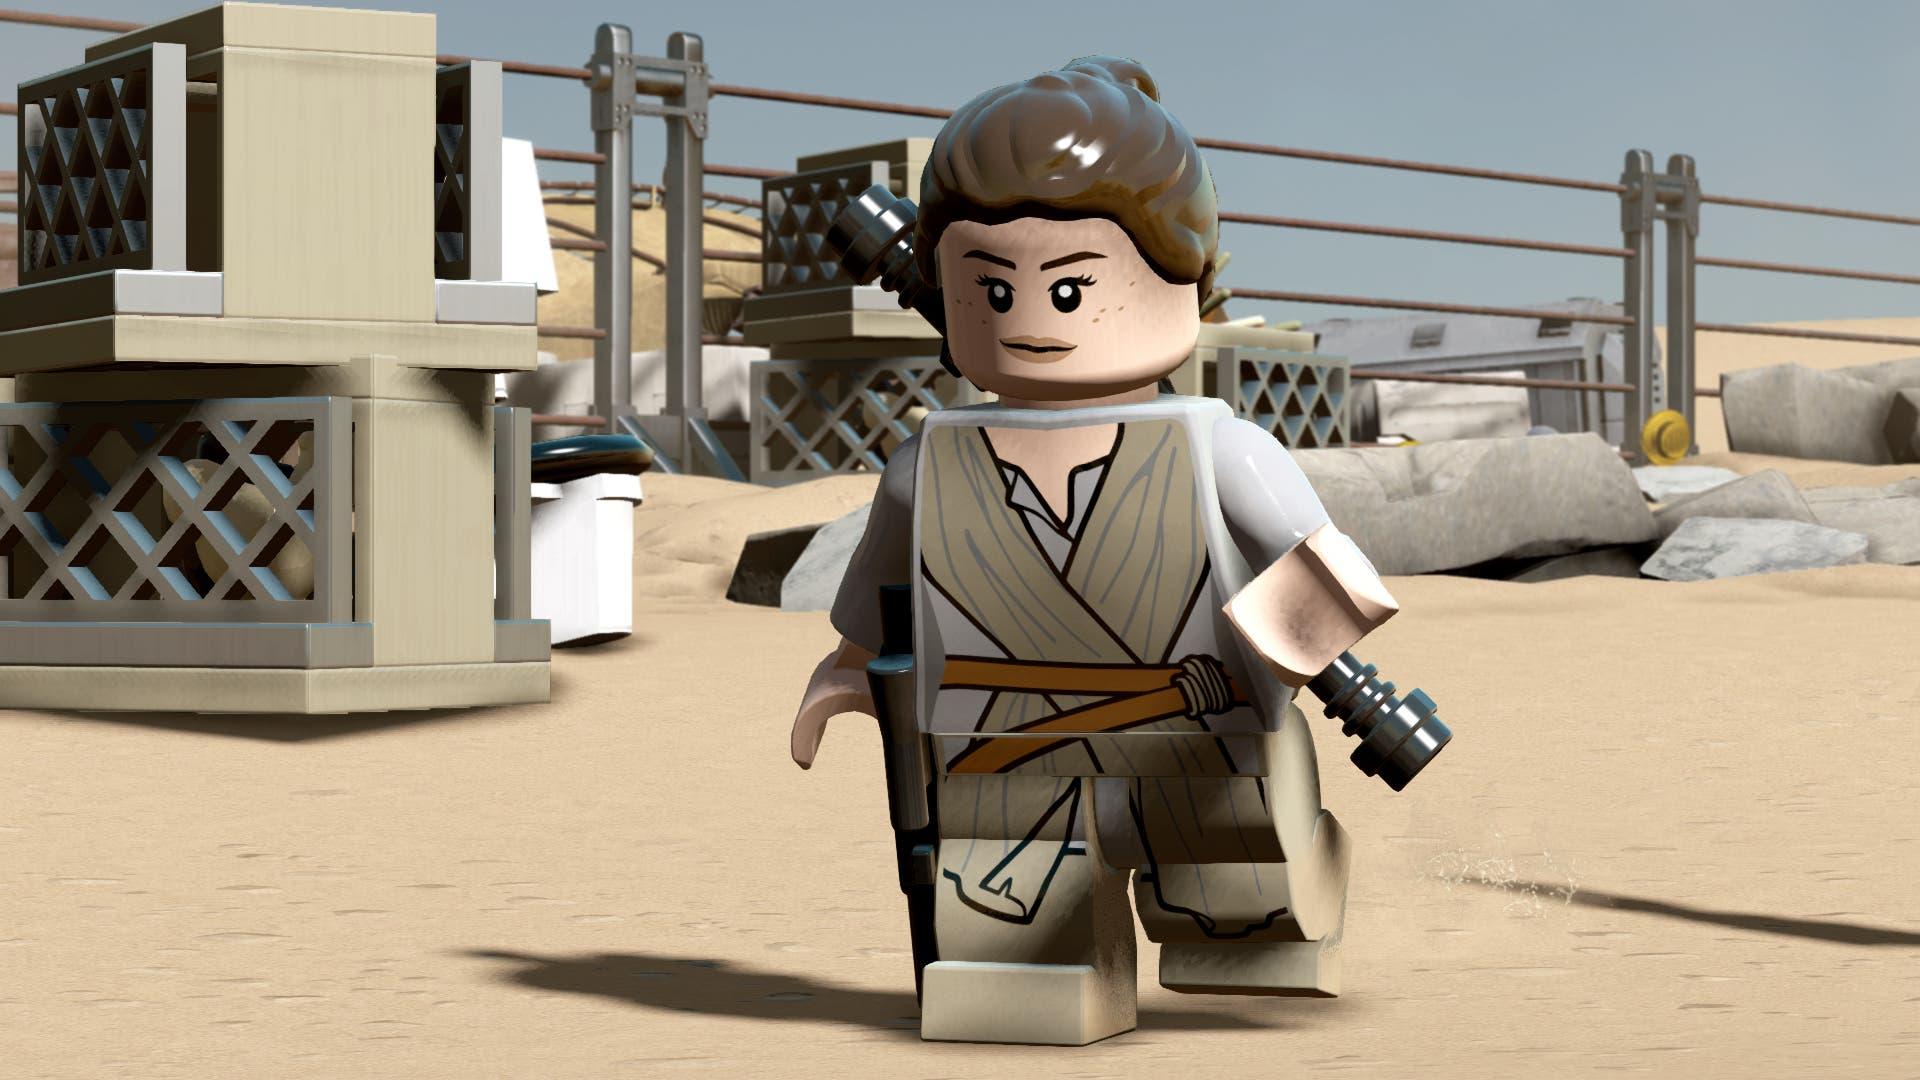 lego-star-wars-force-awakens-rey